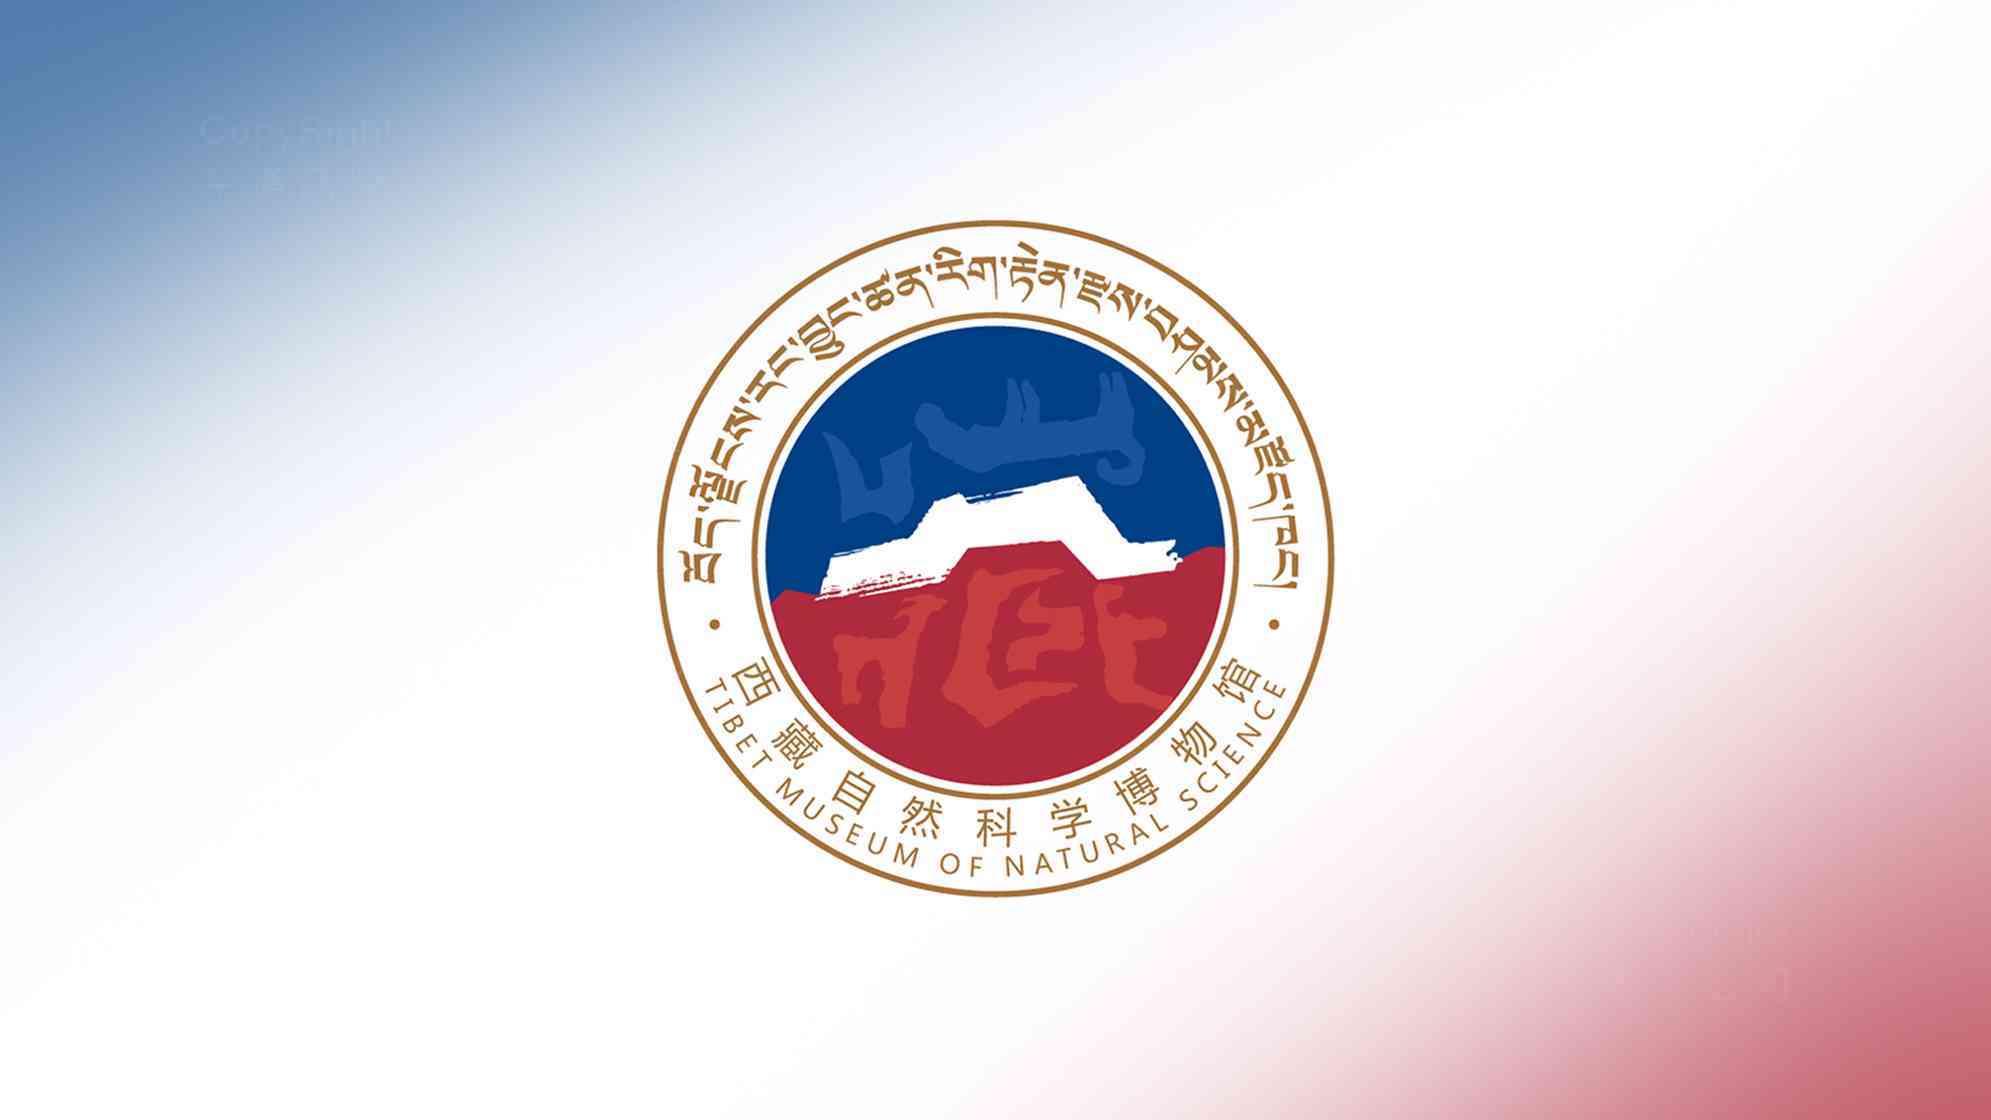 品牌设计案例西藏自然科学博物馆LOGO设计